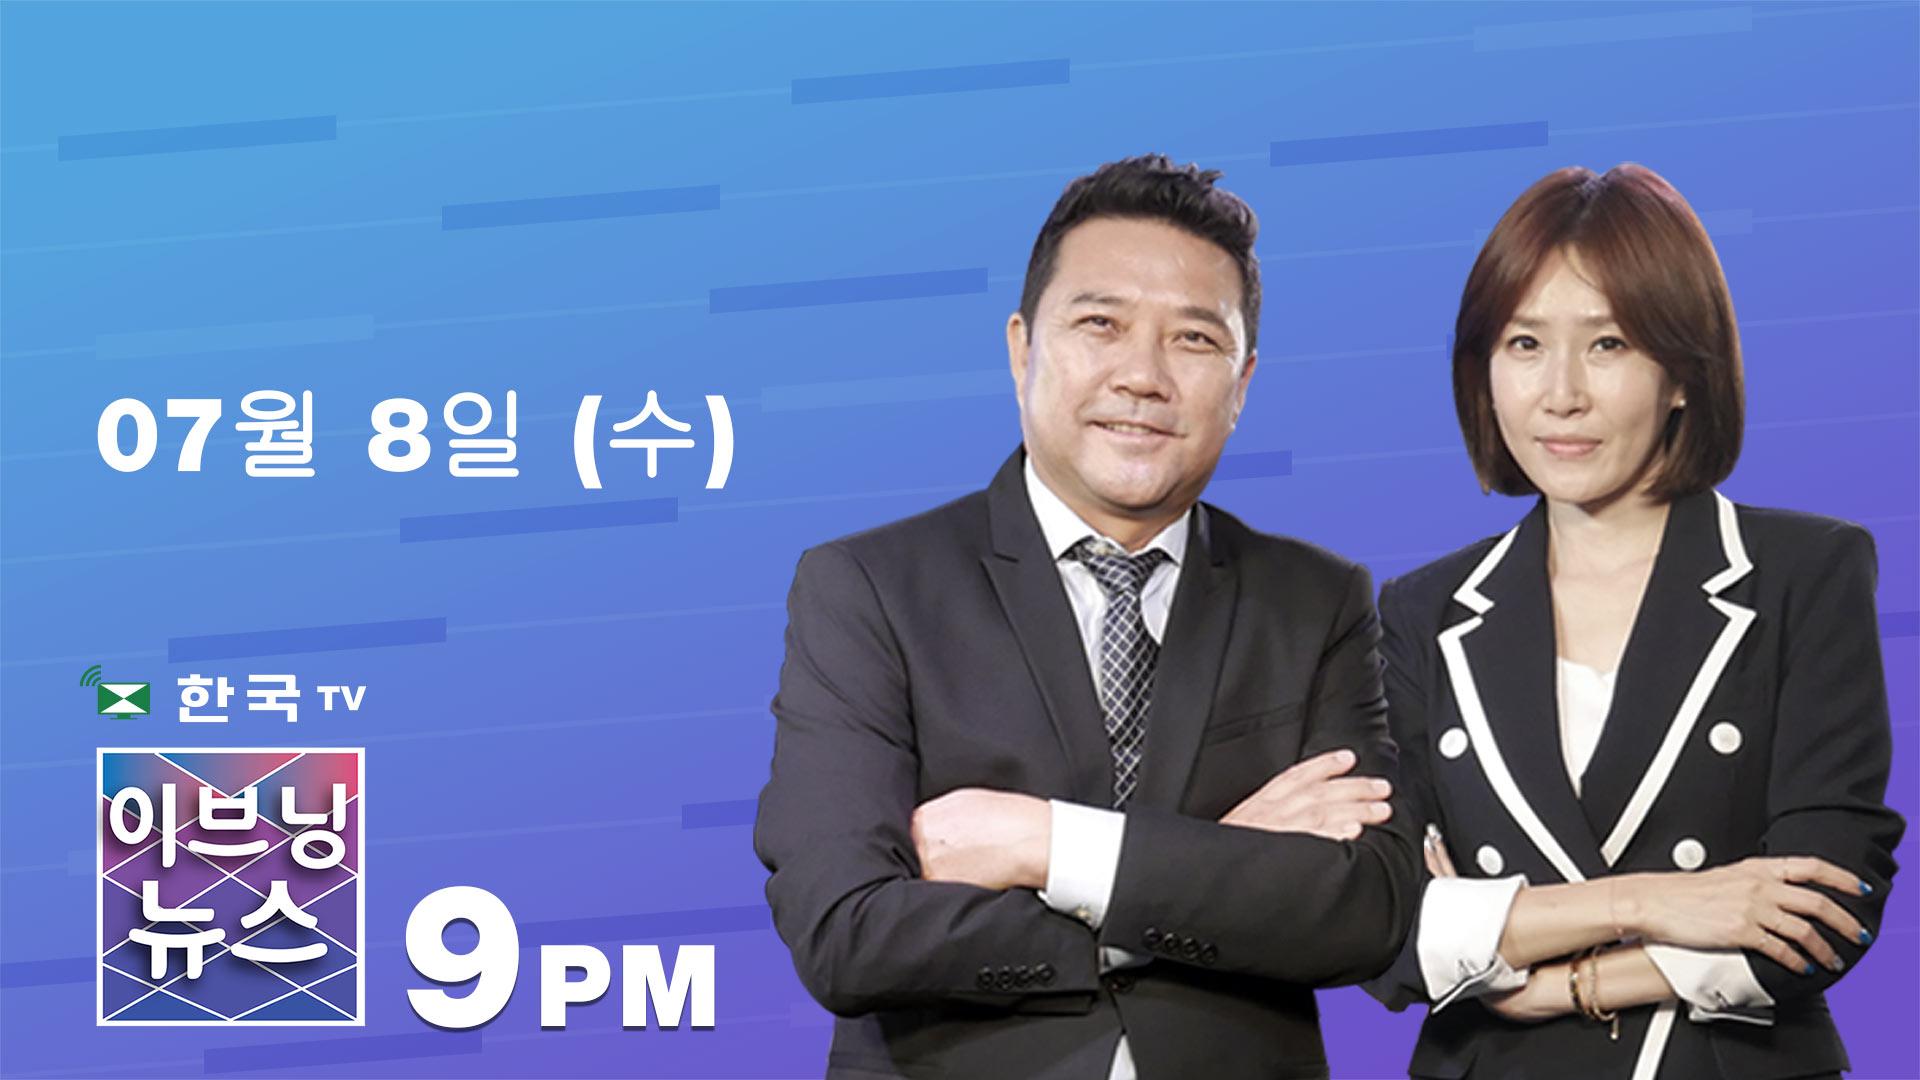 (07.08.2020) 한국TV 이브닝 뉴스